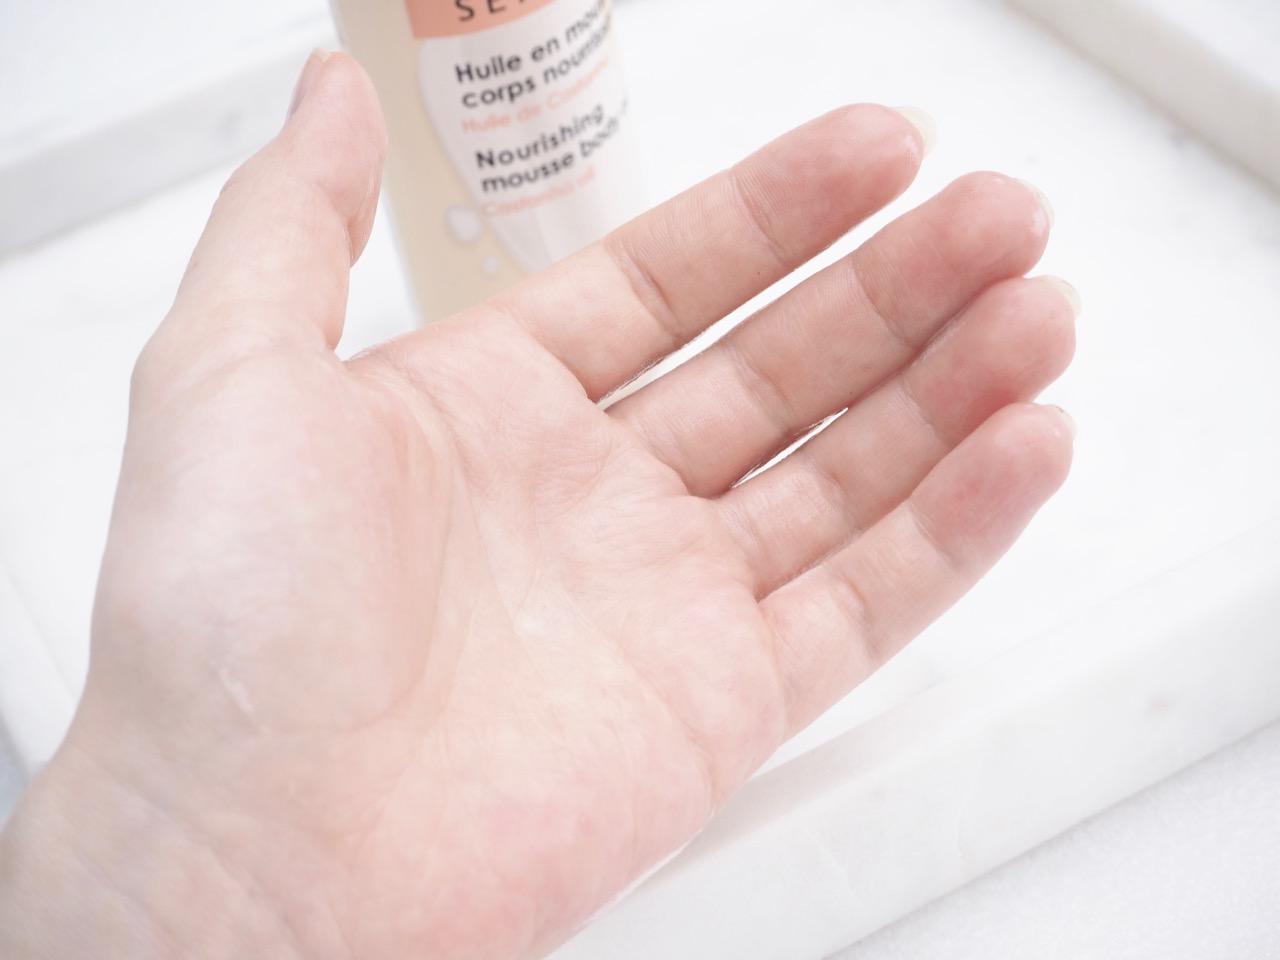 Sephora Nourishing Mousse Body Oil kokemuksia Ostolakossa Virve Vee blogi